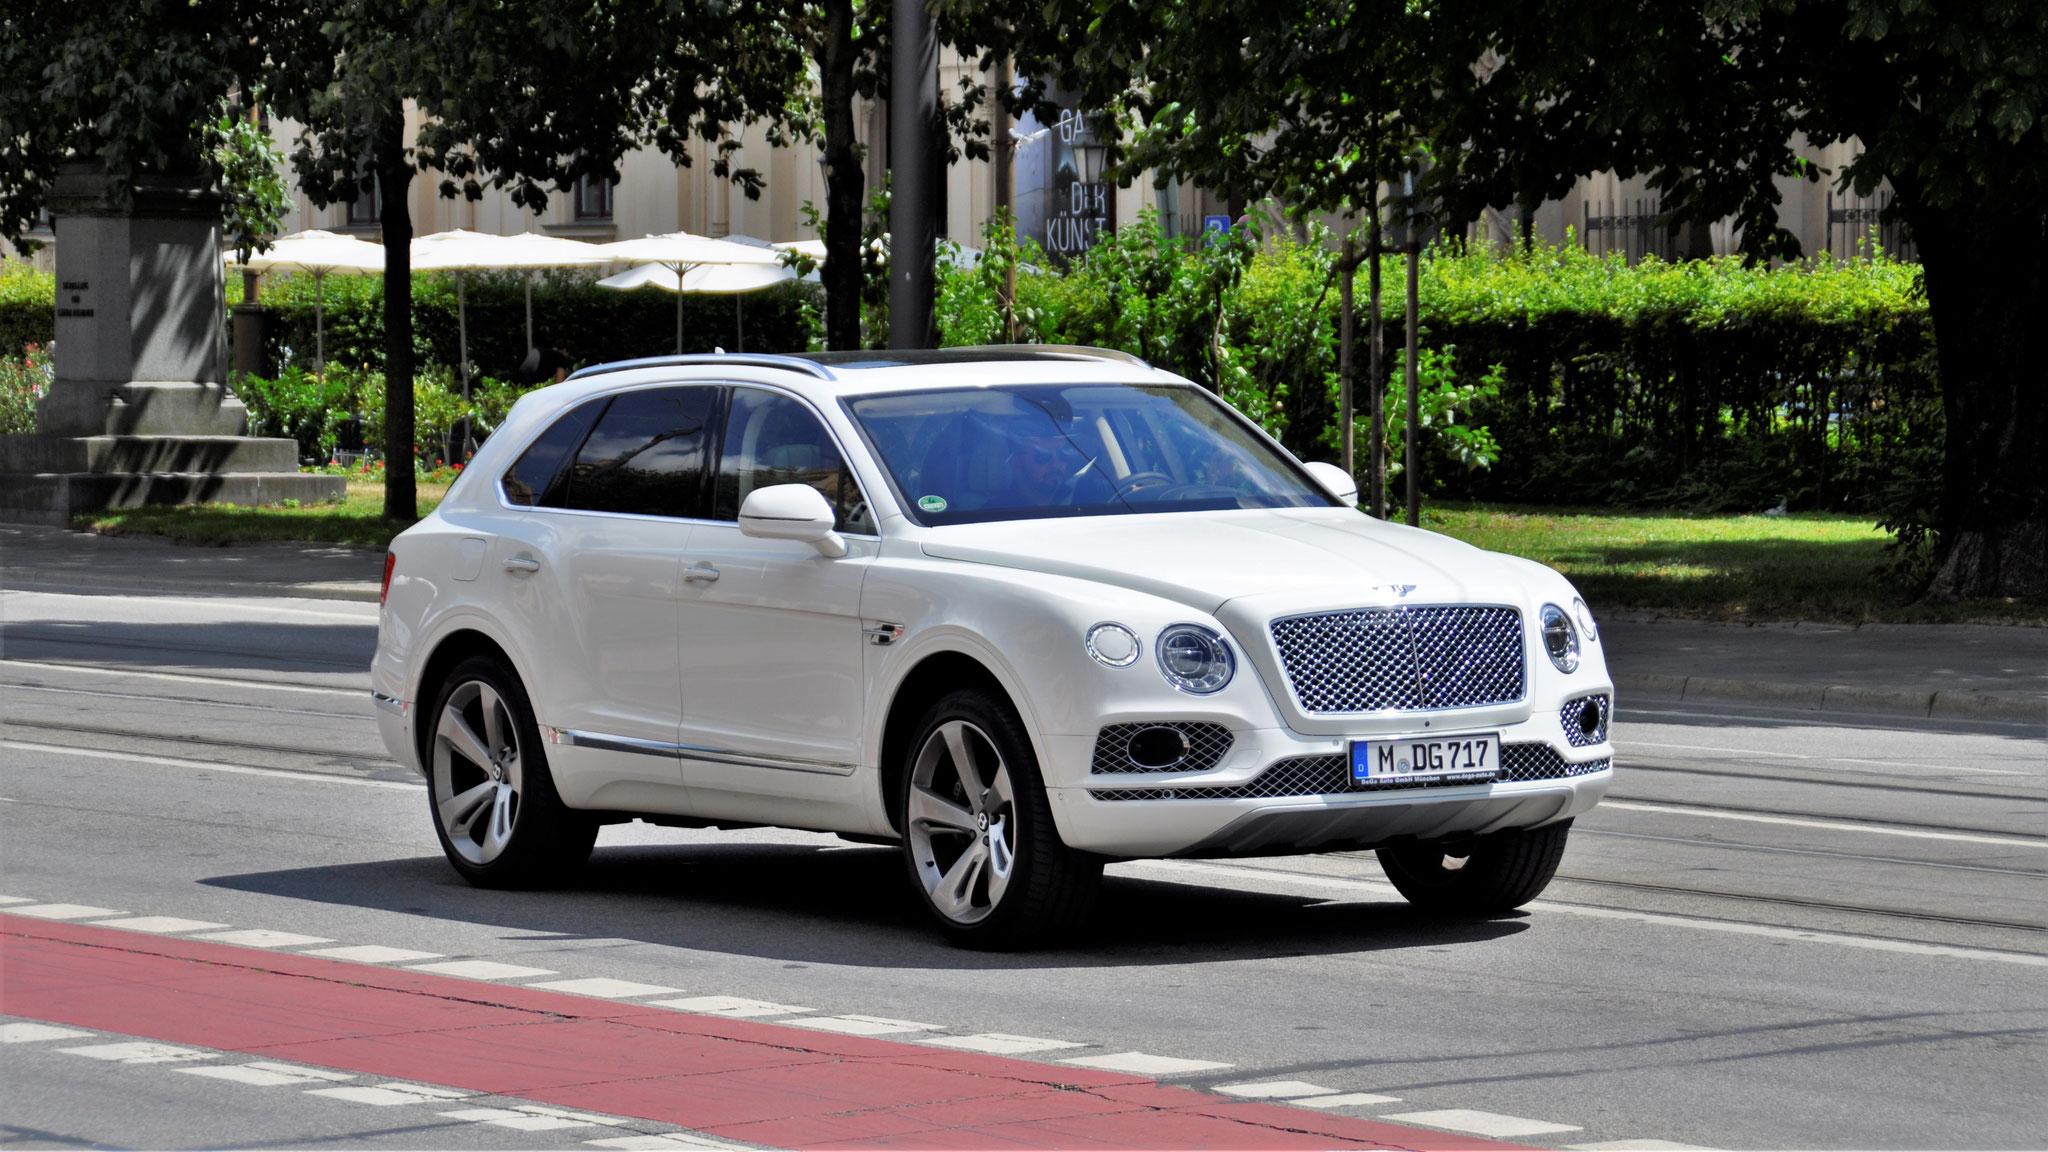 Bentley Bentayga - M-DG-717